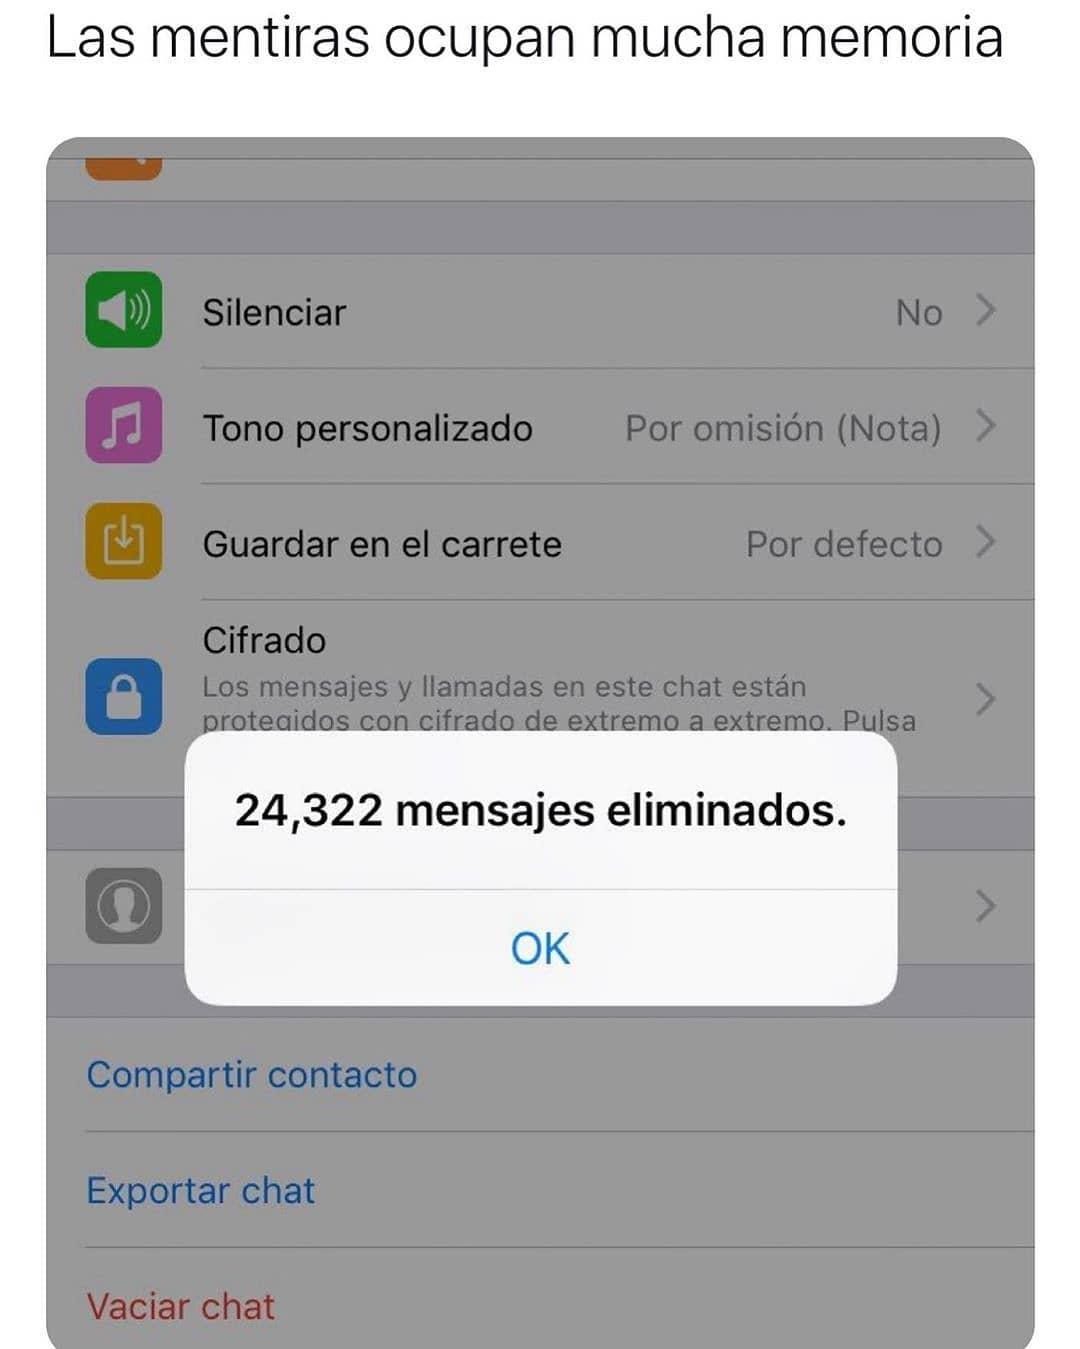 Las mentiras ocupan mucha memoria.  24,322 mensajes eliminados.